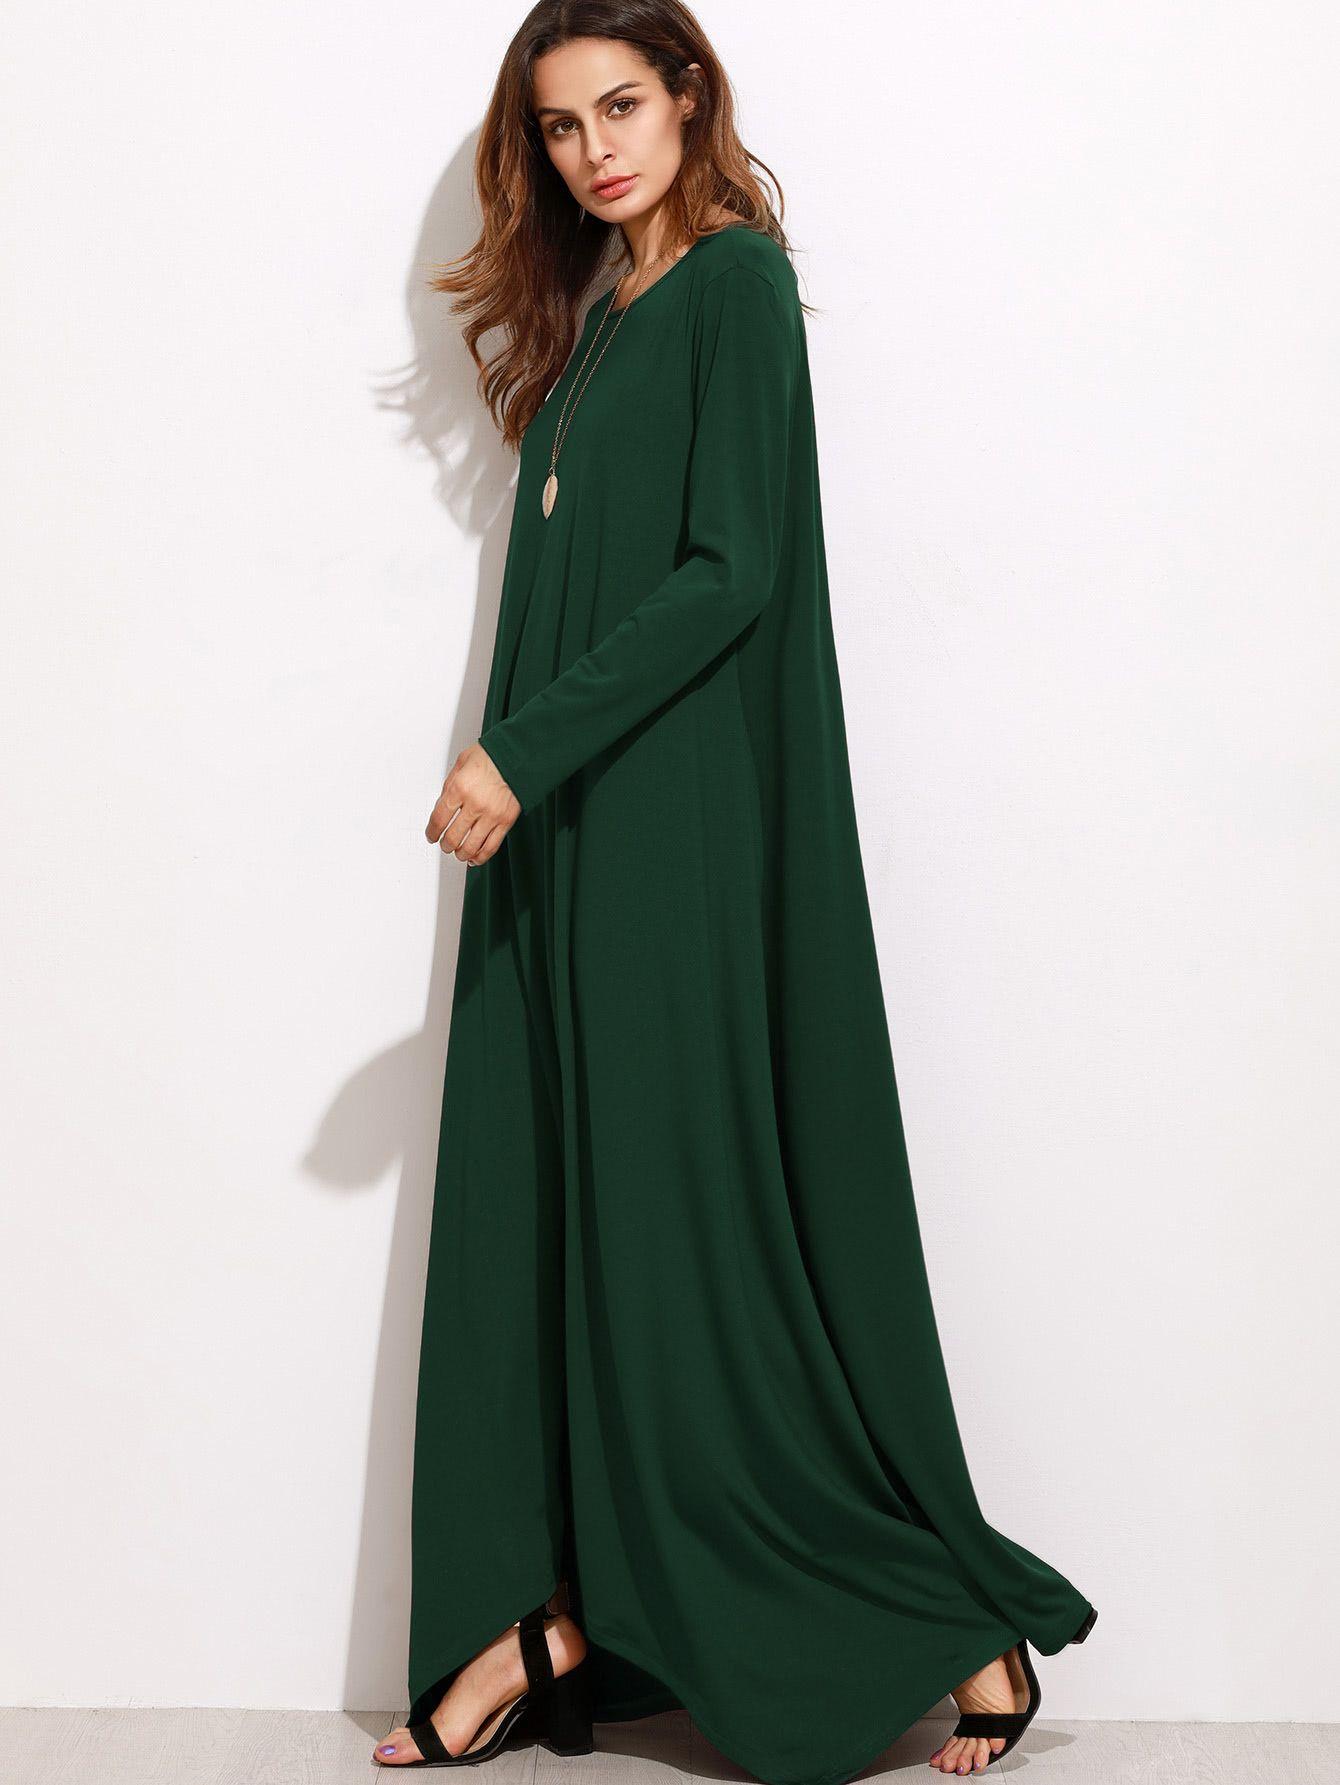 Dress fall forward pinterest full length dresses